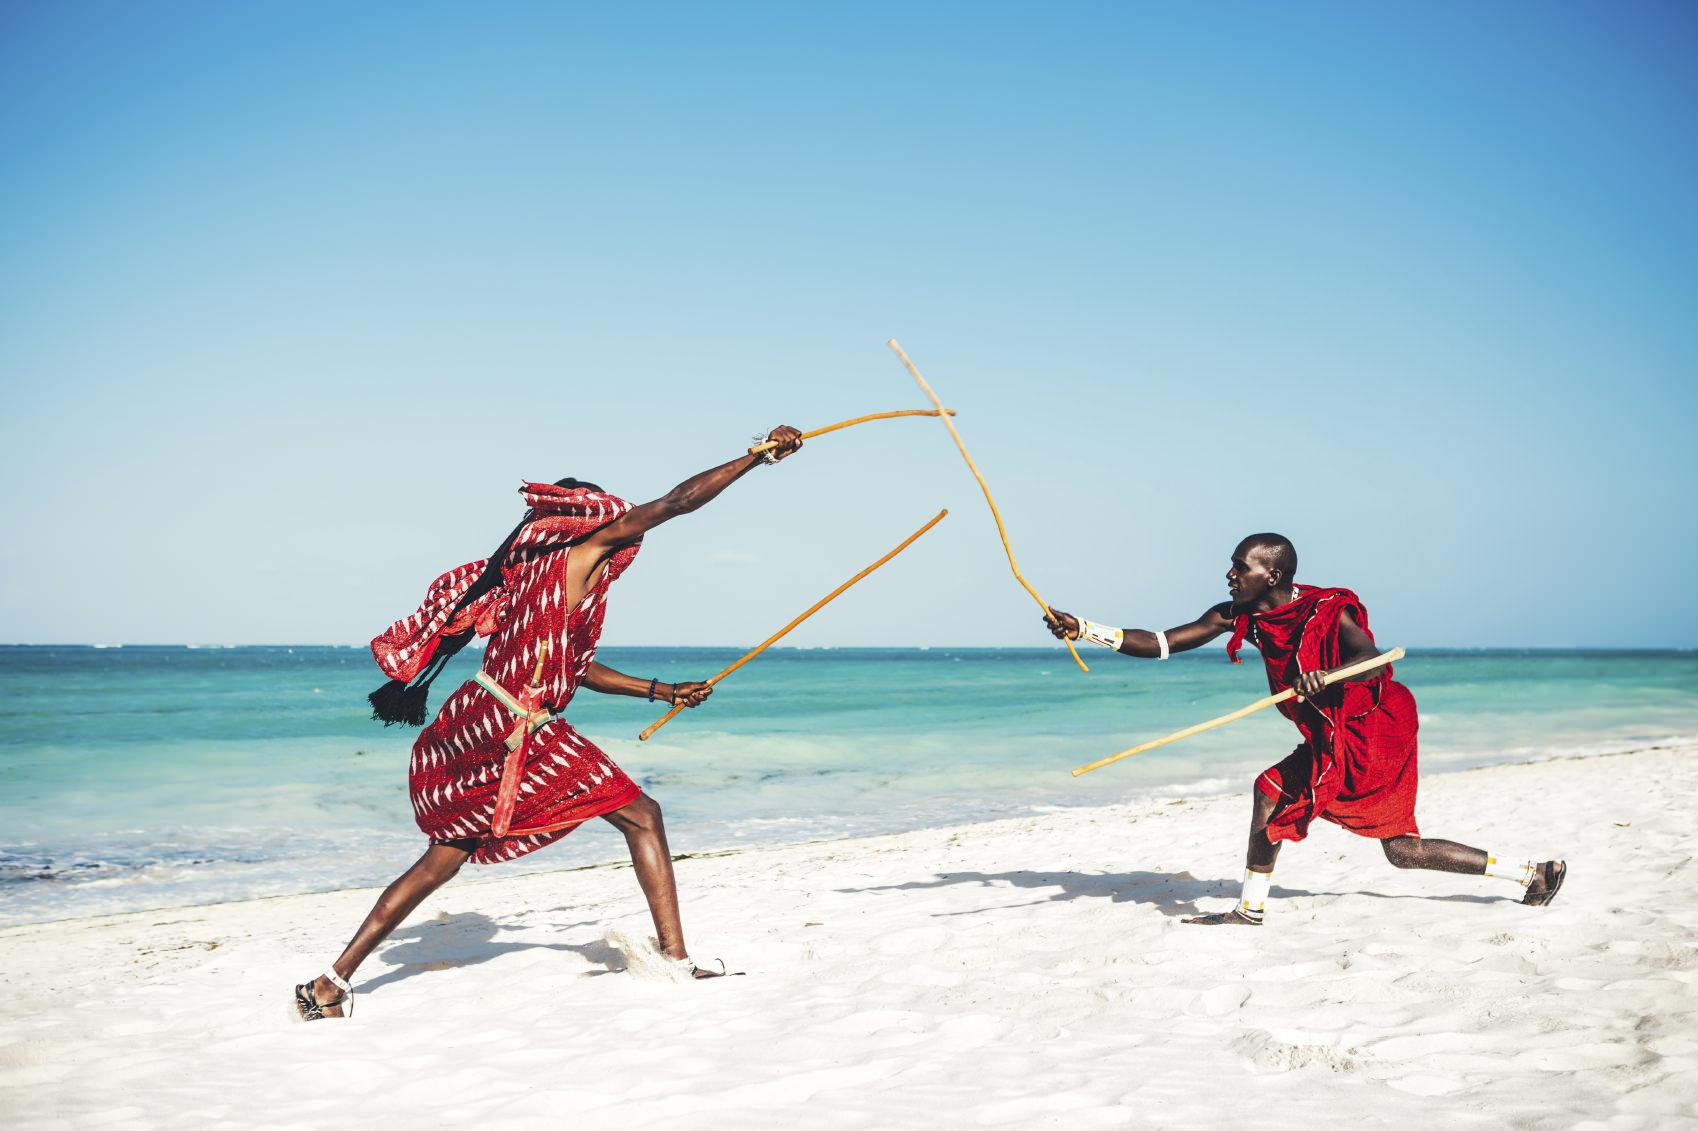 Usi e costumi - 4 modi per raccontare meglio le storie con le tue foto